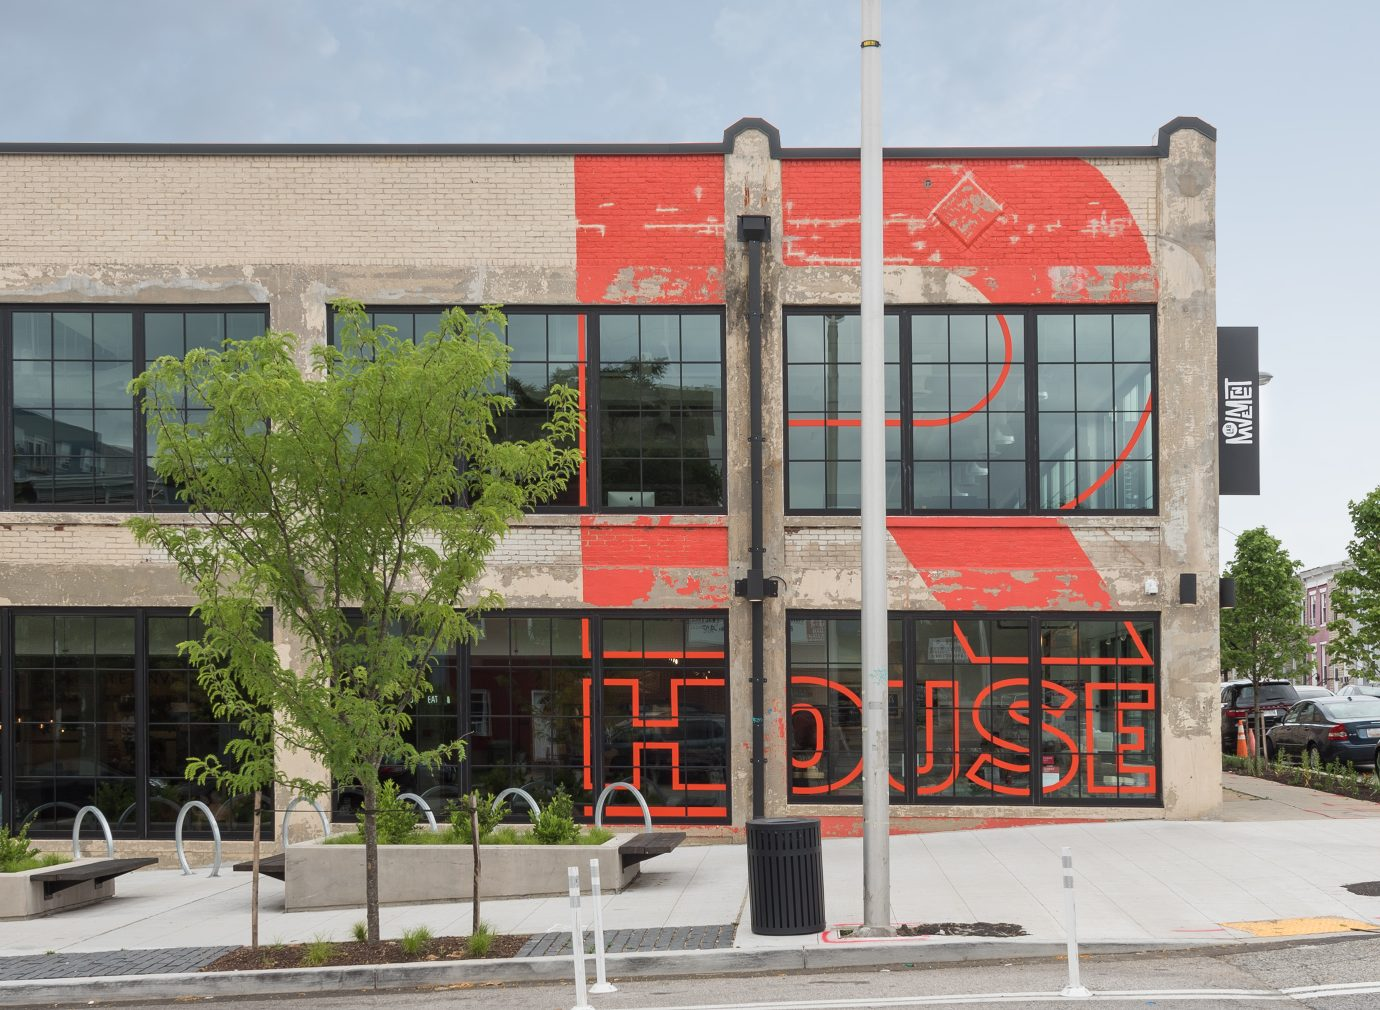 Facade of R. House in Baltimore